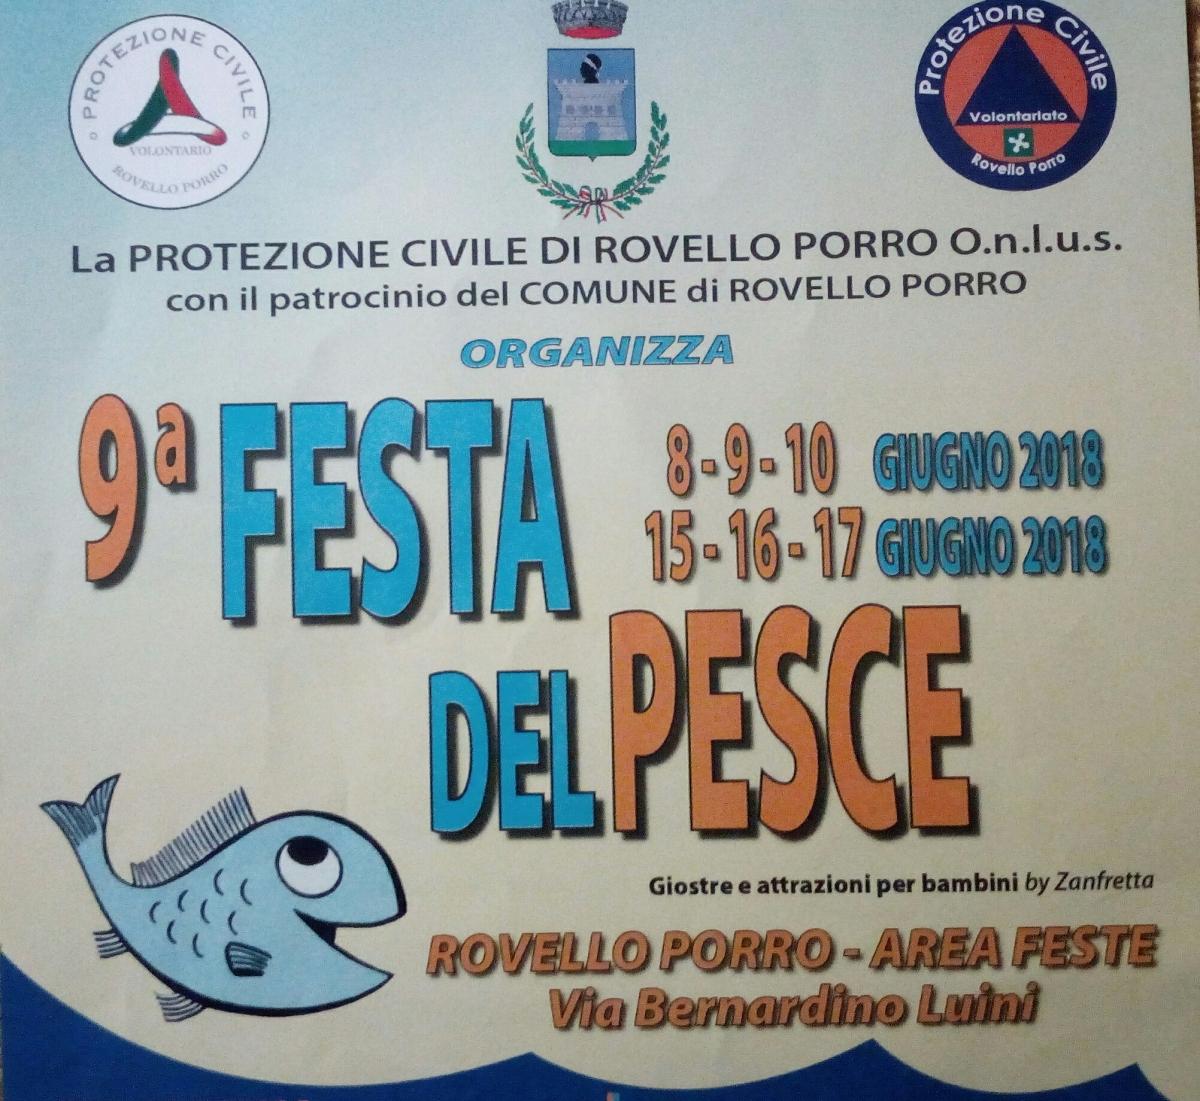 La nona FESTA DEL PESCE a Rovello Porro nei giorni 8-9-10 e 15-16-17 giugno